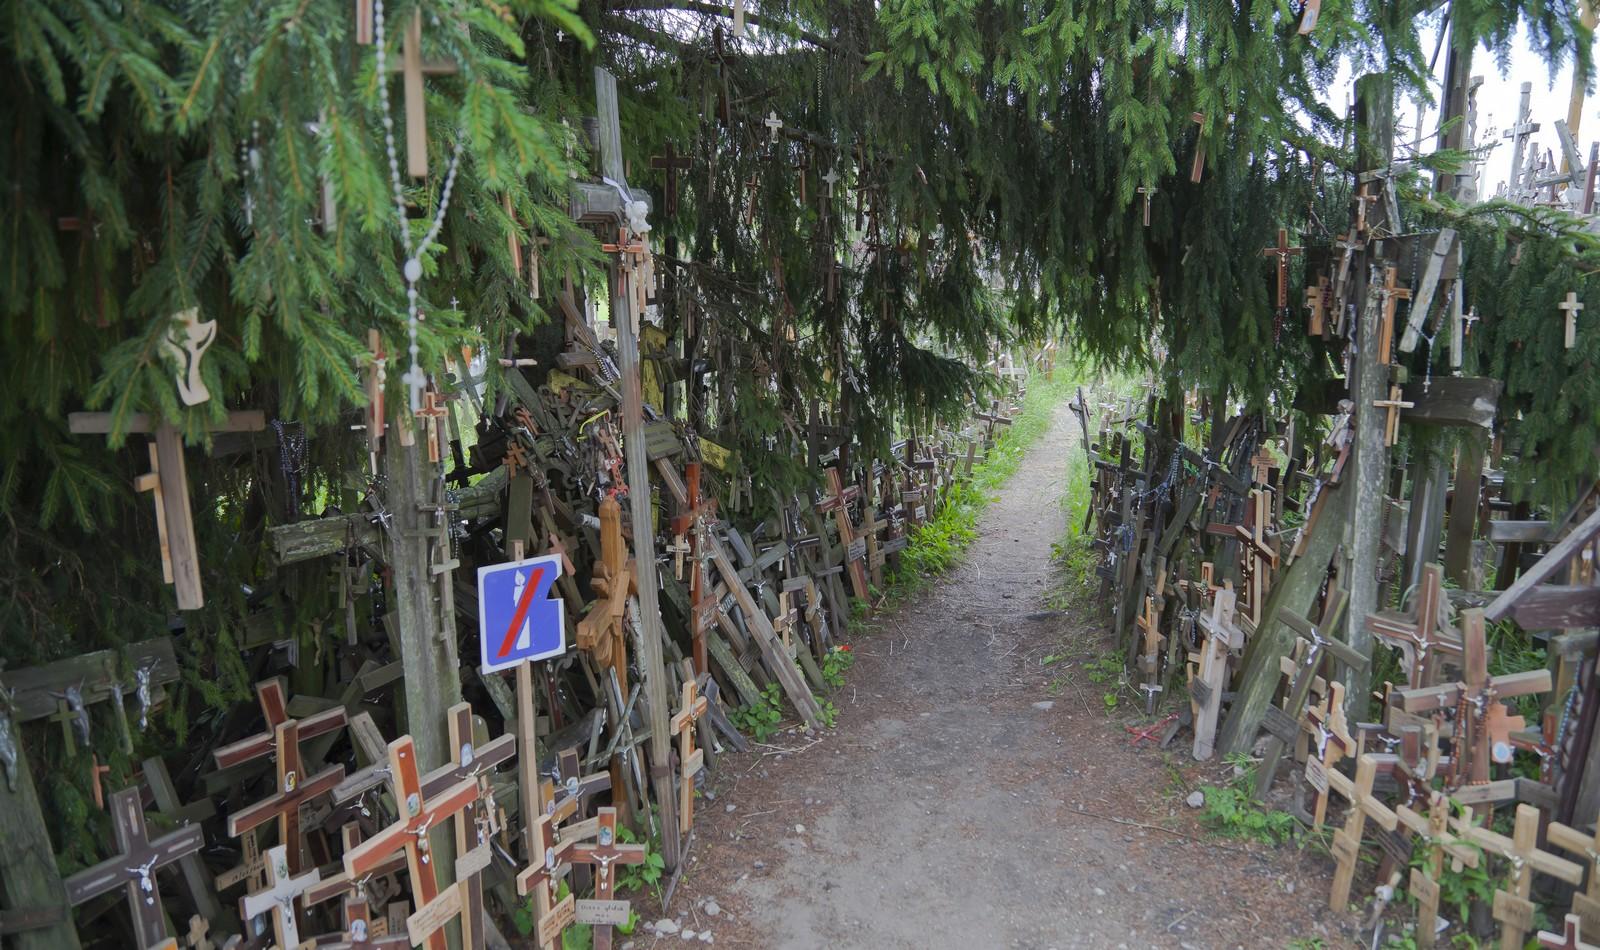 El Impresionante Testimonio de Fe de la Colina de las Cruces [en Lituania]